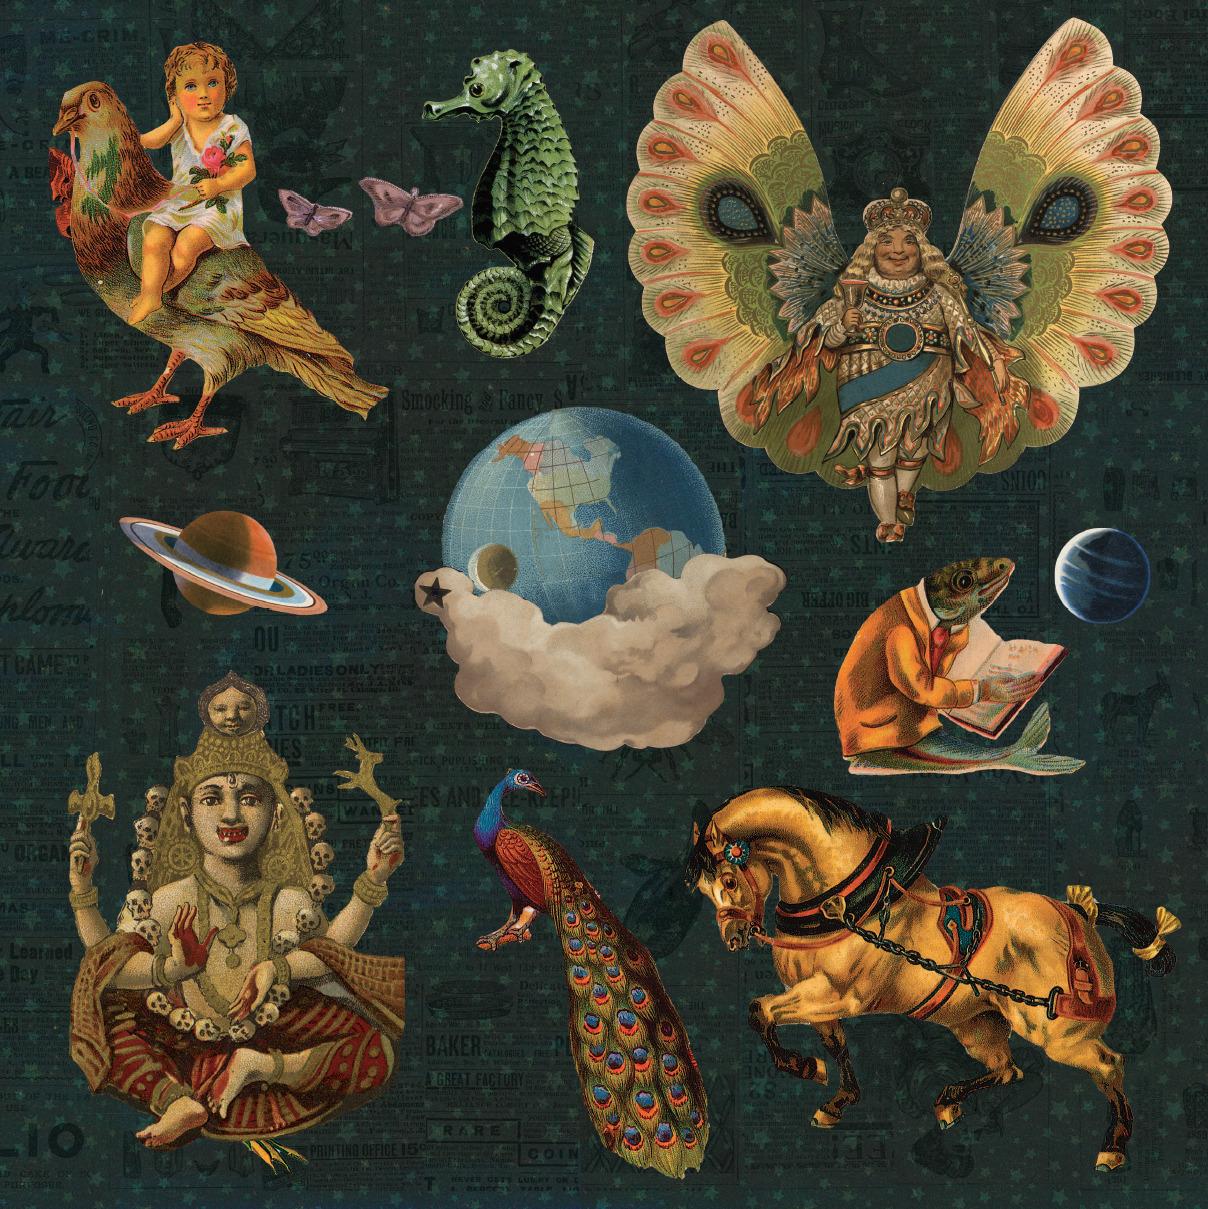 Smashing Pumpkins Mellon Collie and the Infinite Sadness esoteric VideMellon Collie And The Infinite Sadness Back